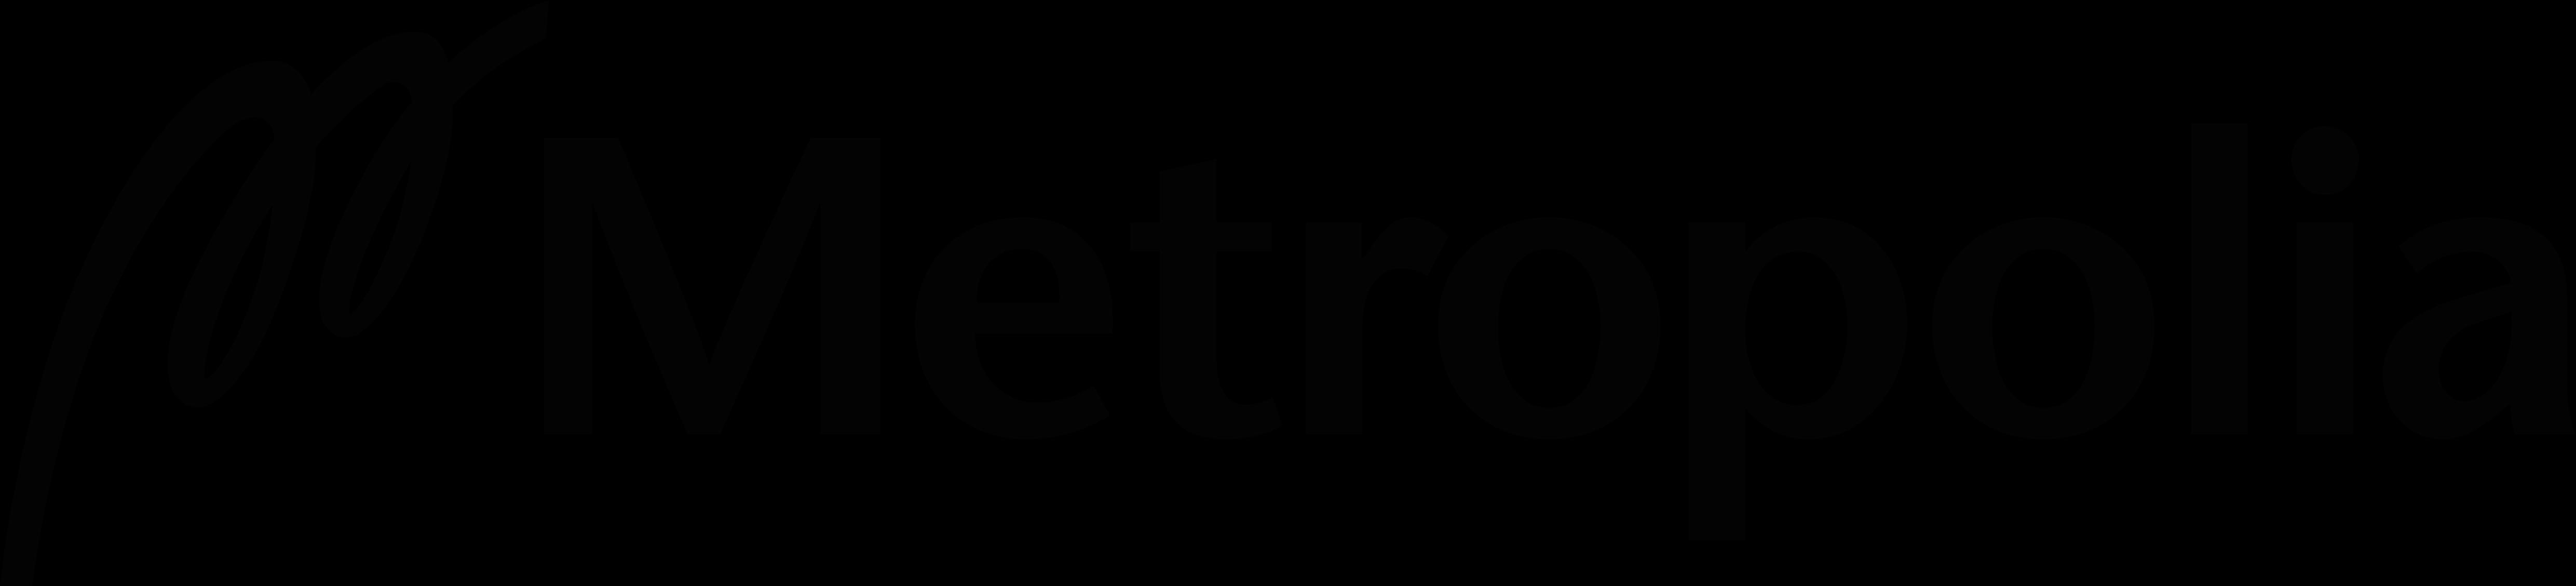 Metcat Metropolia